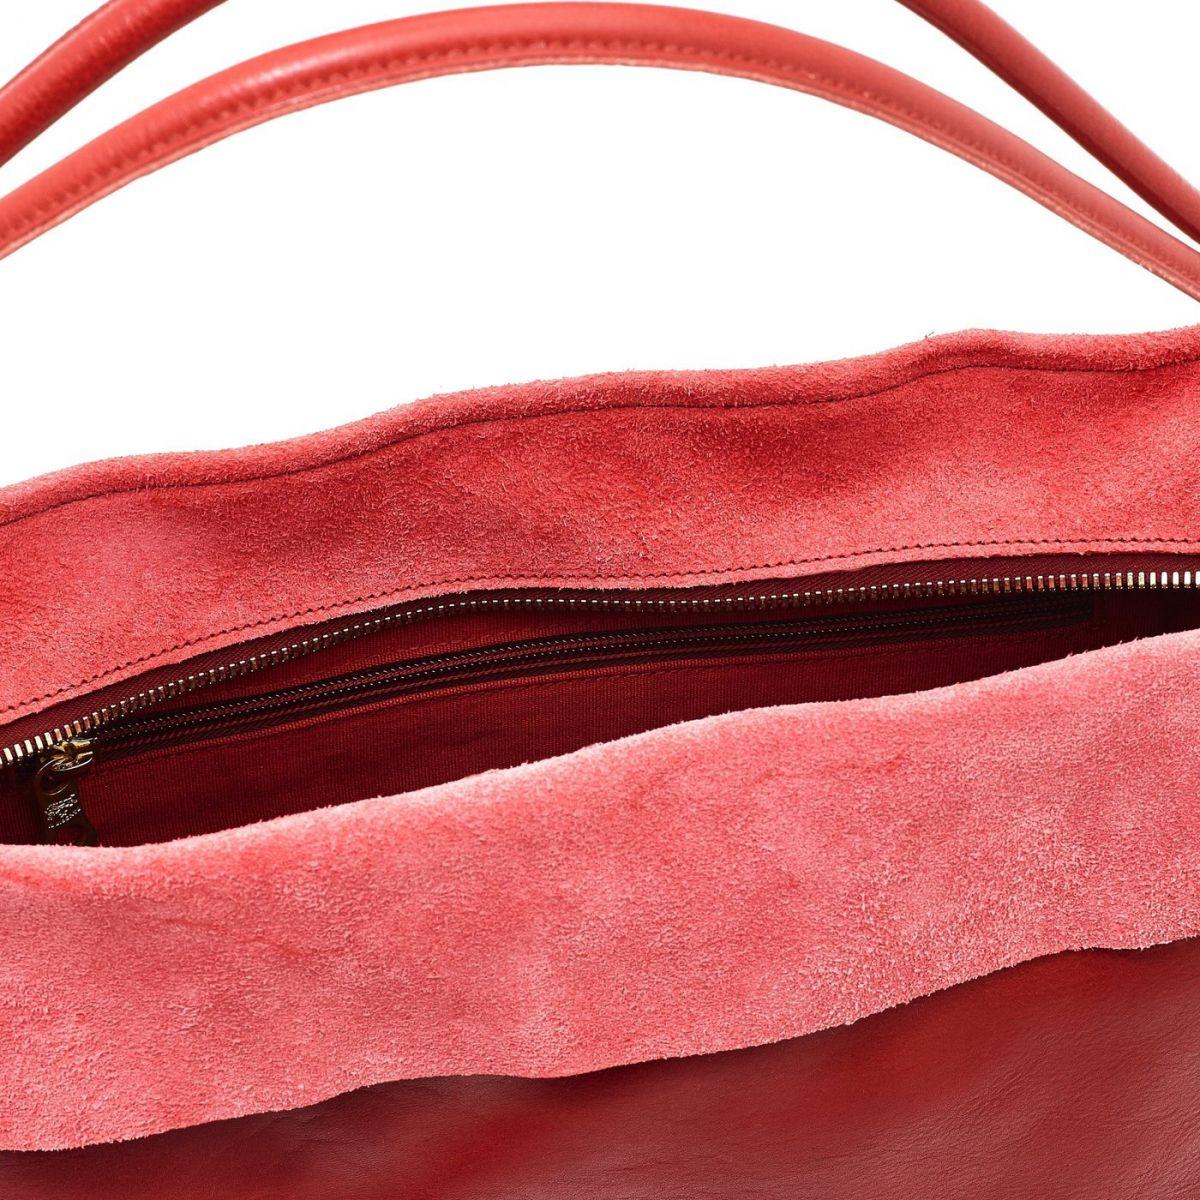 Sac Epaule pour Femme Landscape en Cuir De Vachette Doublé BSH061 couleur Rouge | Details